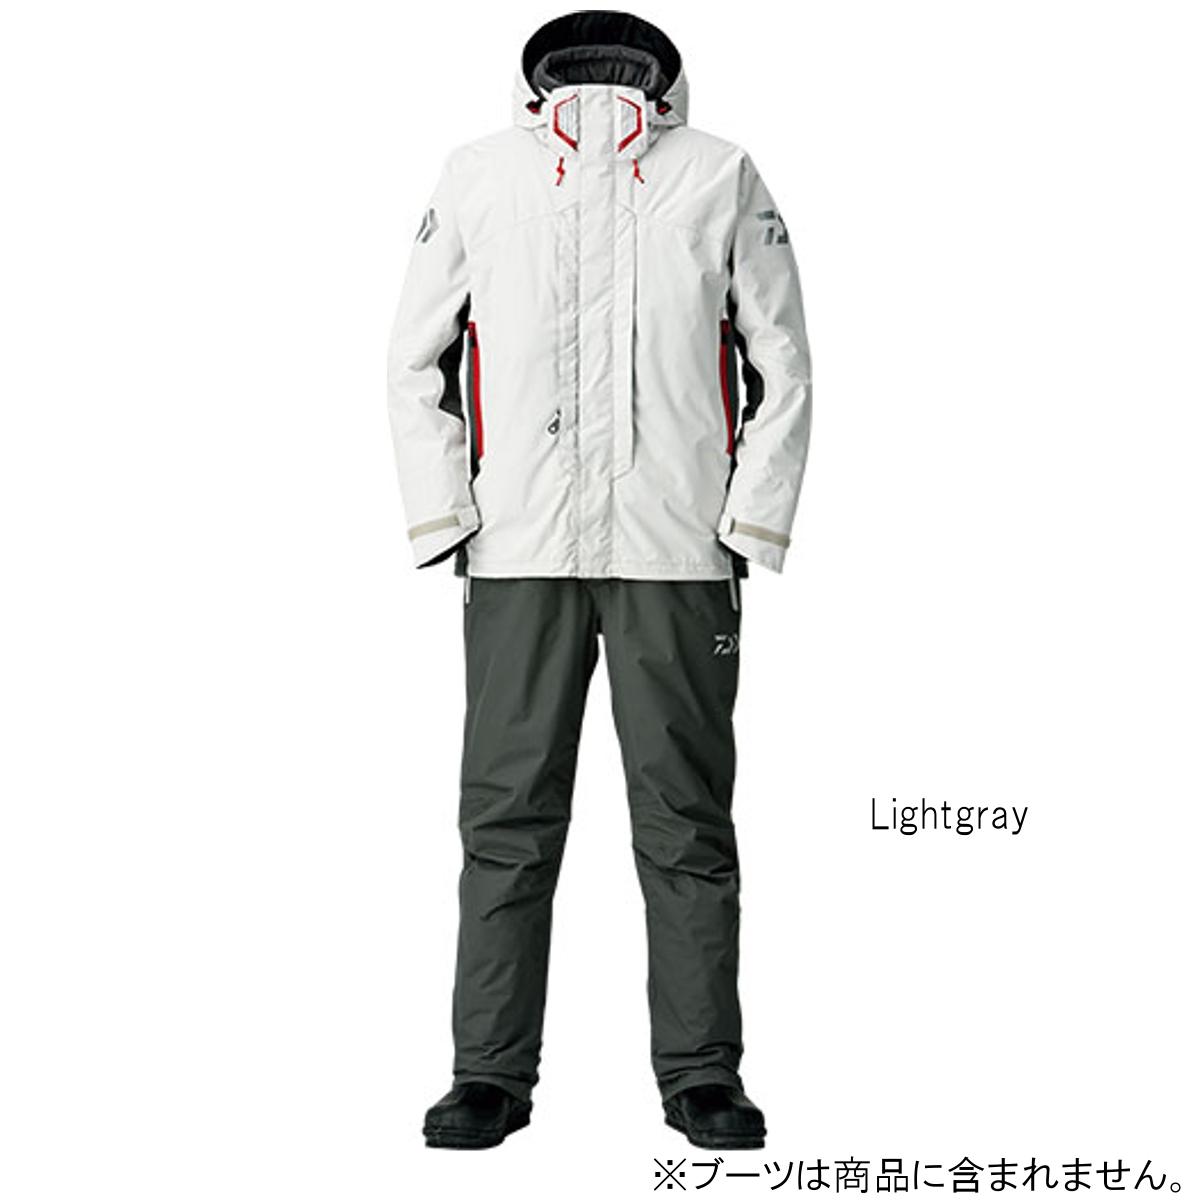 ダイワ レインマックス ハイパー ハイロフト コンビアップ ウィンタースーツ DW-3408 XL Lightgray【送料無料】